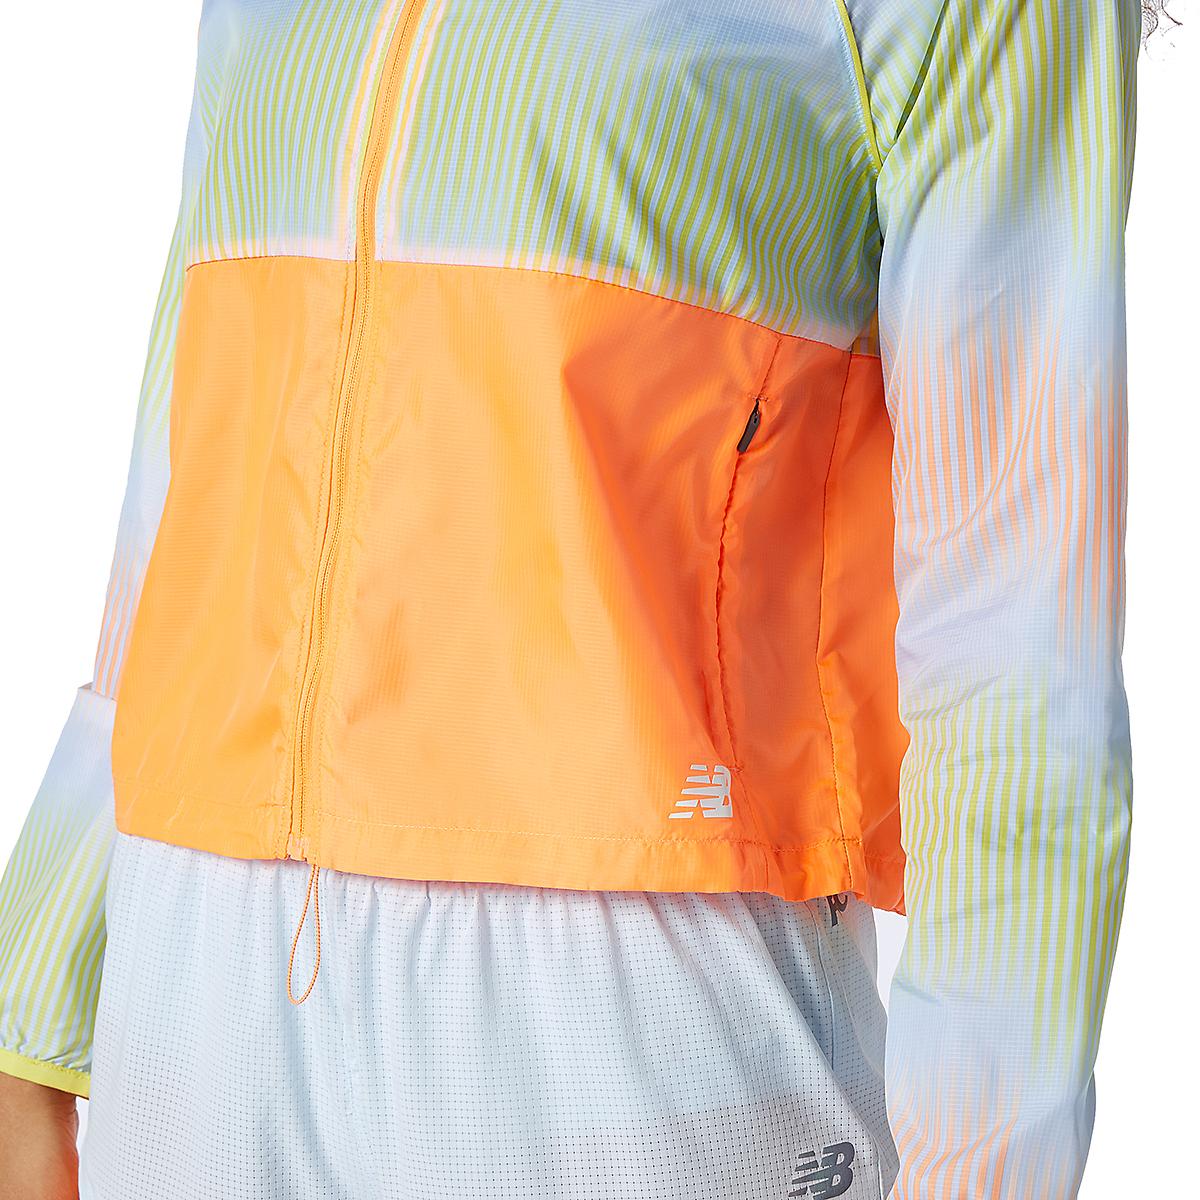 Women's New Balance Fast Flight Jacket - Color: Citrus Punch - Size: XS, Citrus Punch, large, image 4